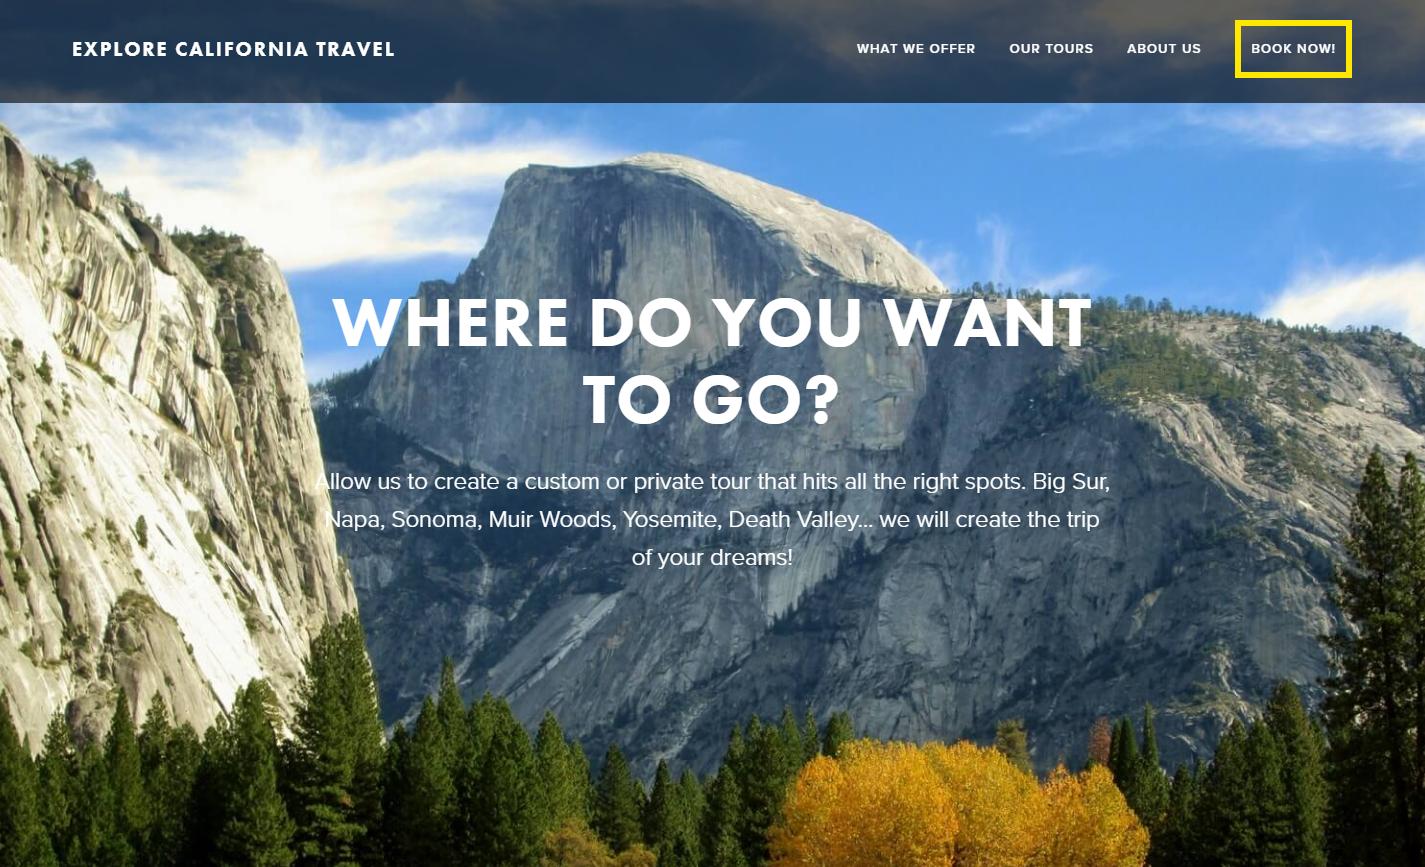 explore california travel website